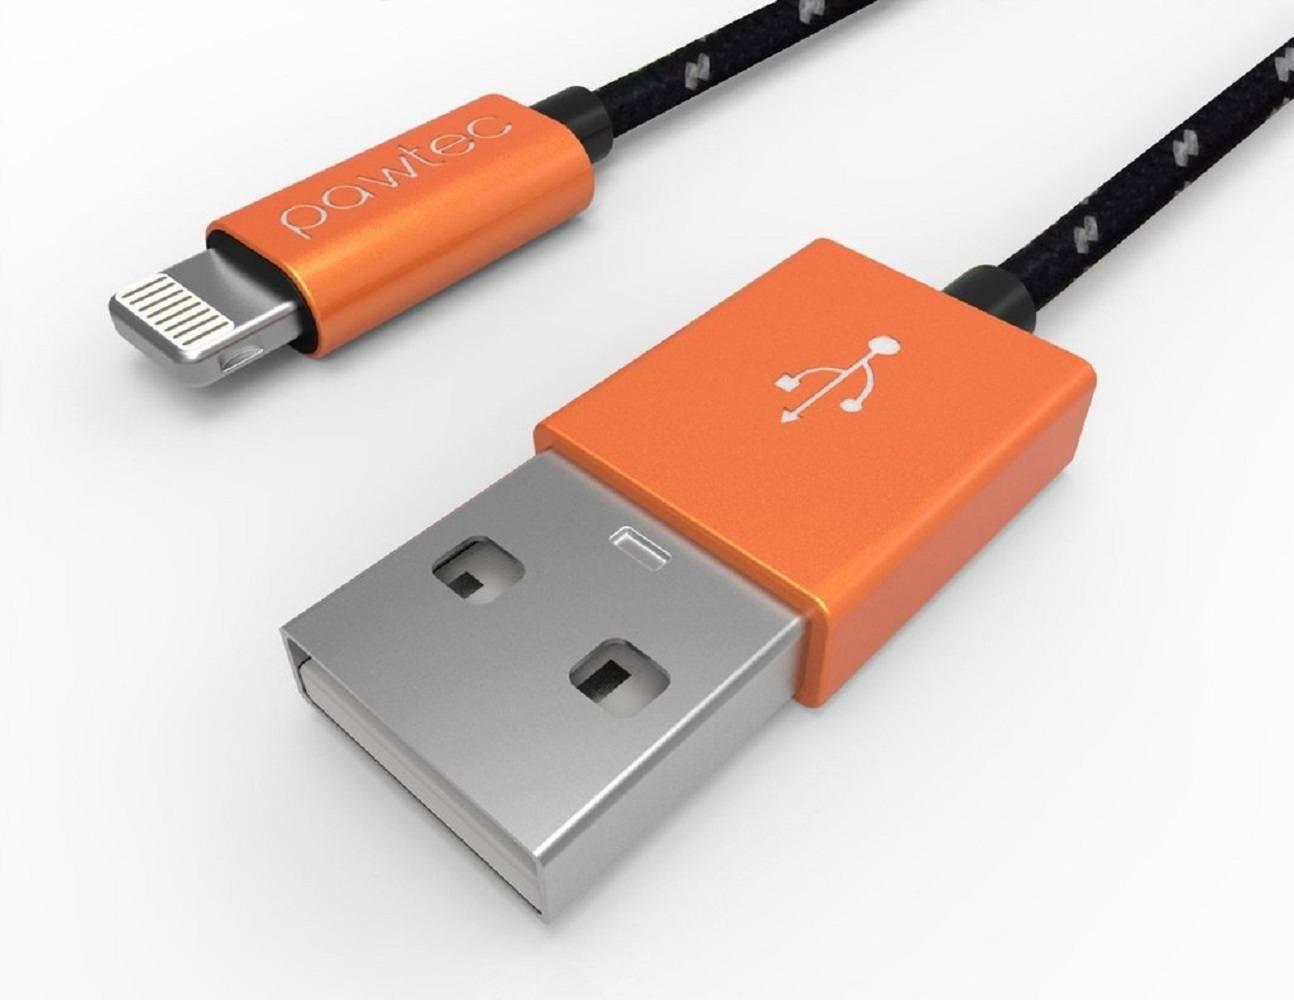 Premium iPhone 5 Lightning USB